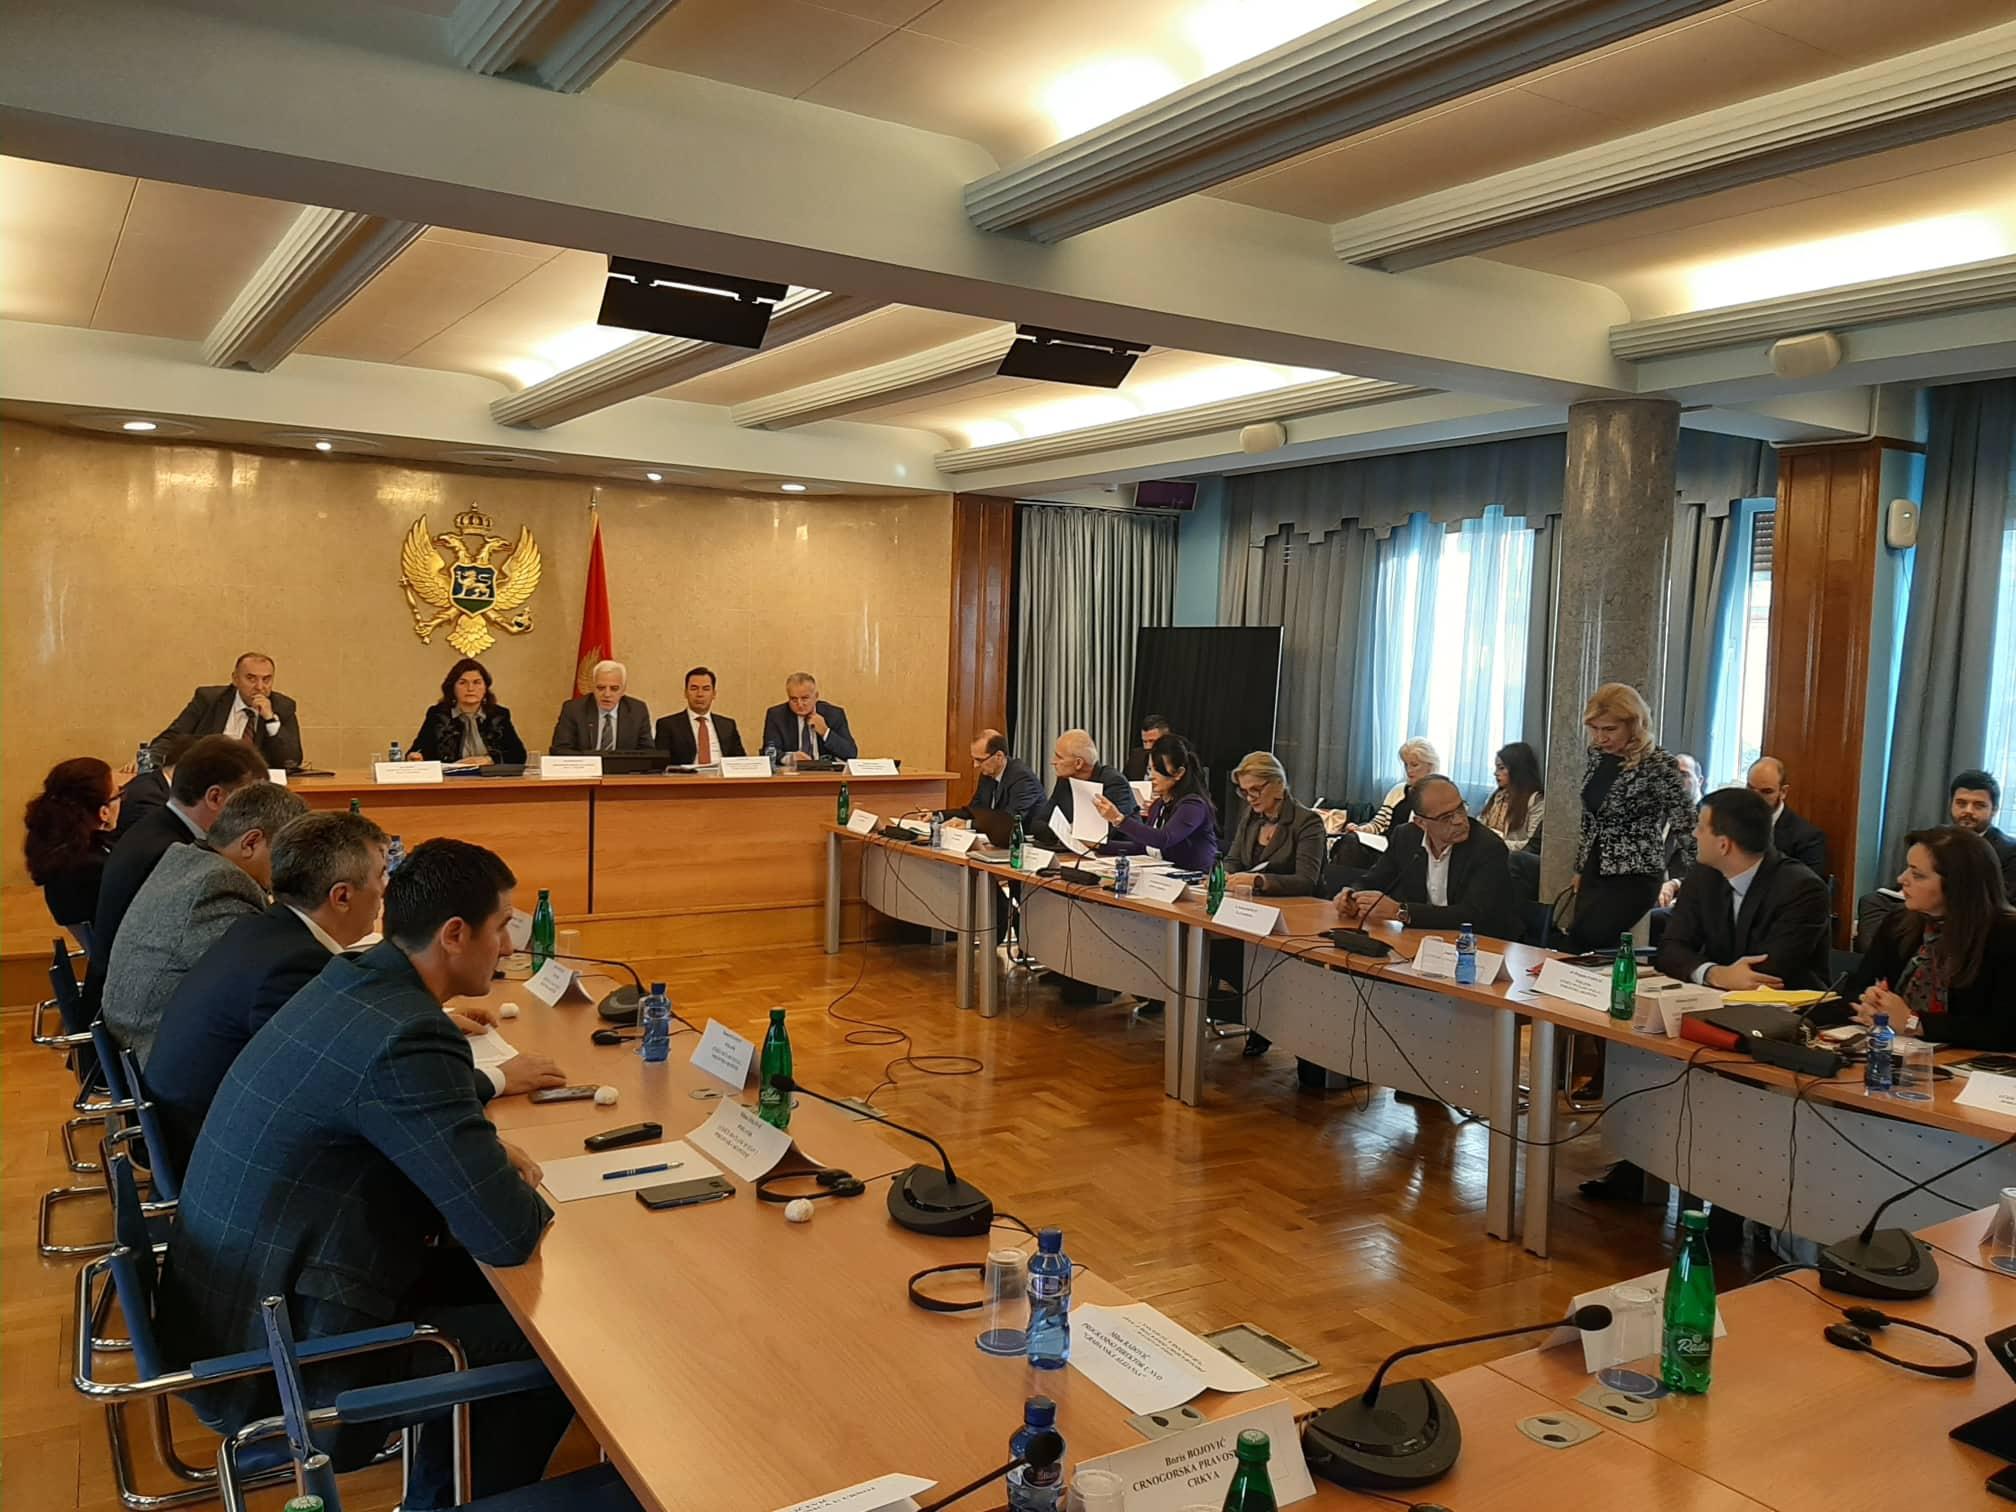 Prijedlog zakona o slobodi vjeroispovijesti dobio zeleno svijetlo na Odboru za ljudska prava i slobode